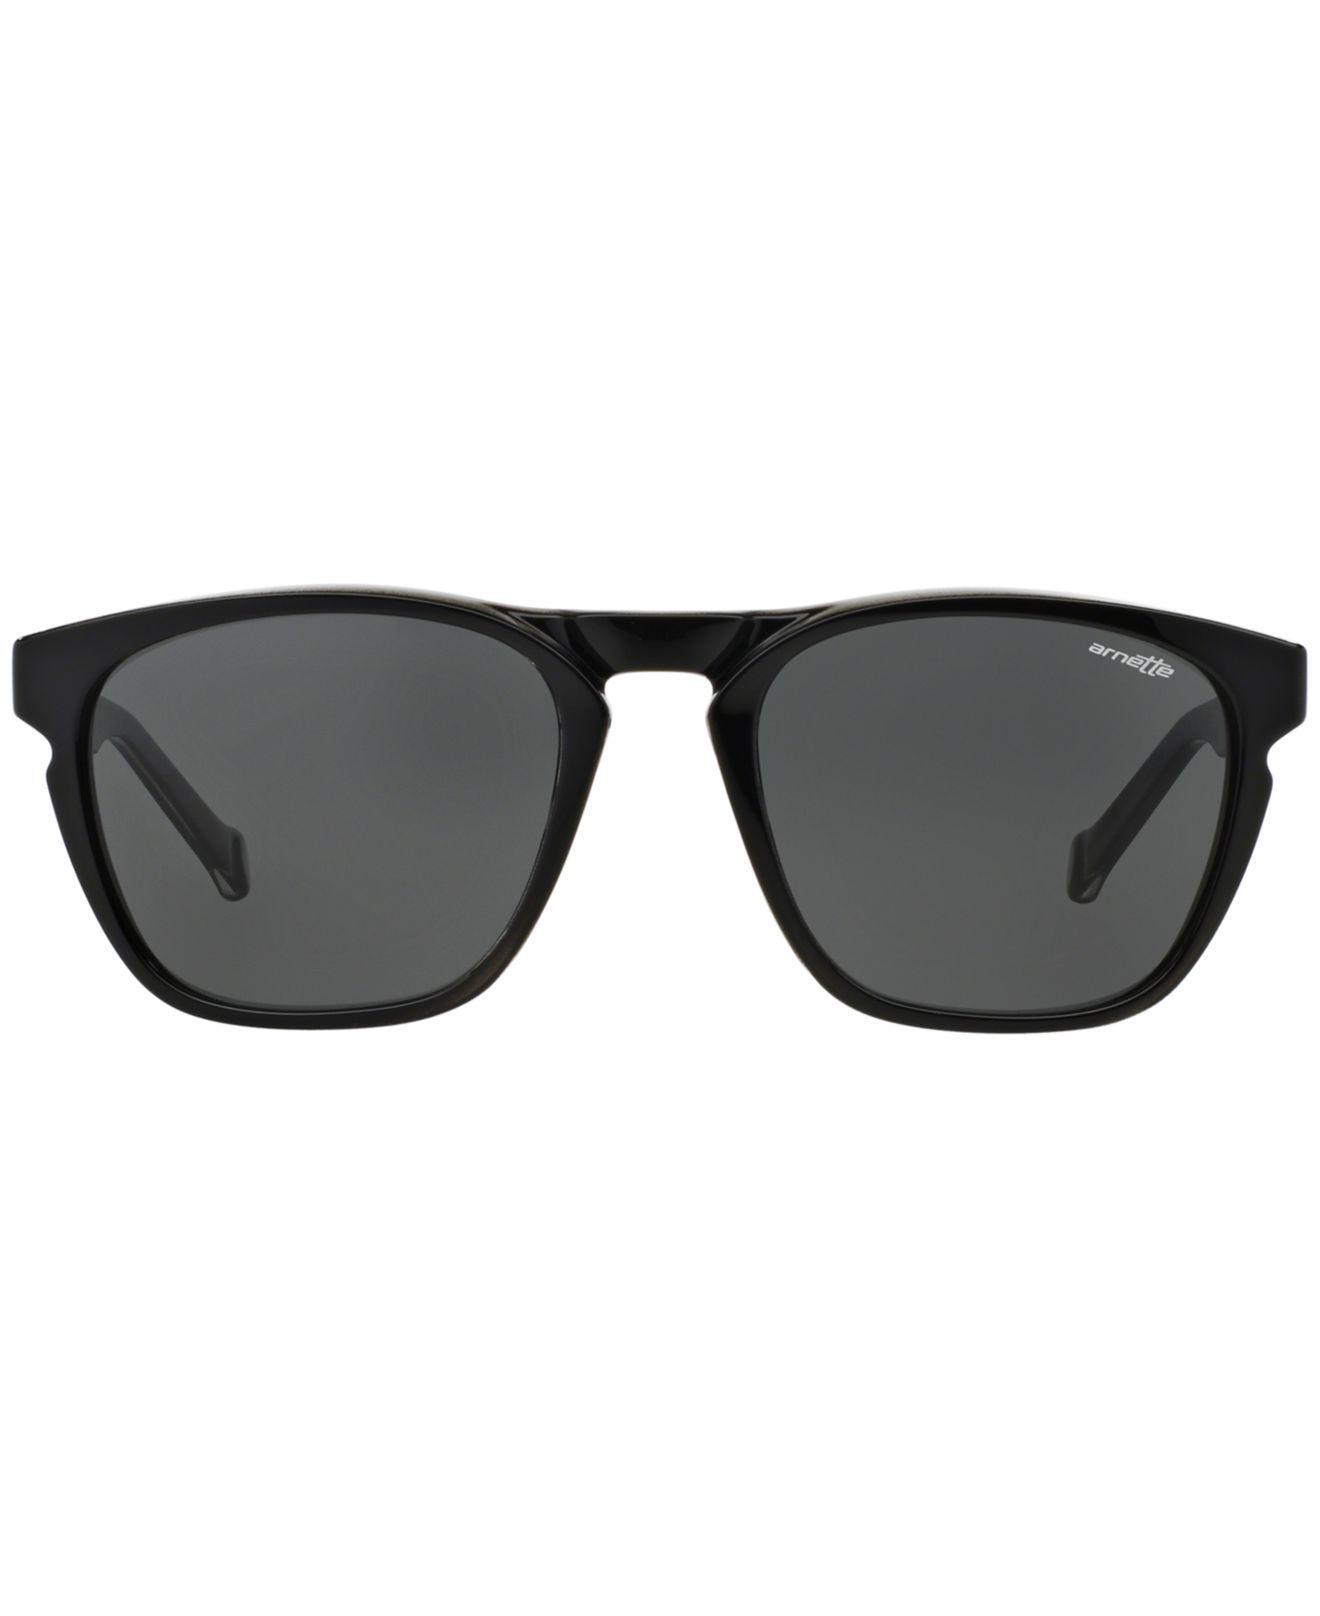 b885023fc4d Lyst - Arnette Sunglasses